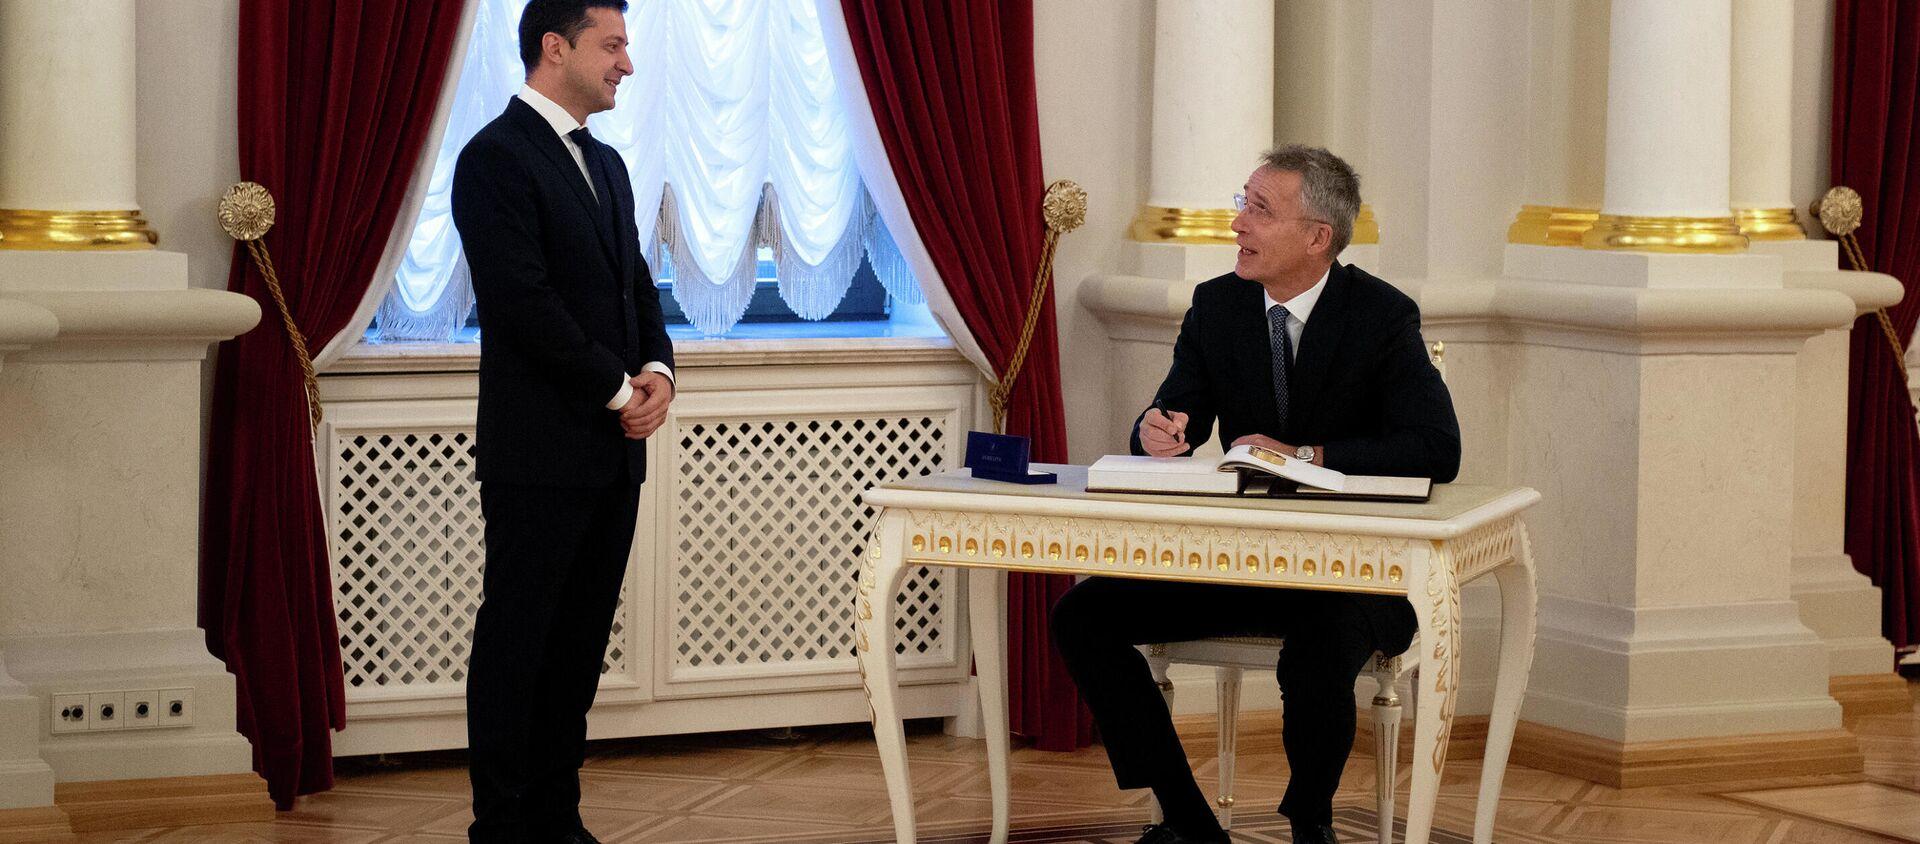 Tổng thống Ukraina Vladimir Zelensky và Tổng thư ký NATO Jens Stoltenberg. - Sputnik Việt Nam, 1920, 07.04.2021